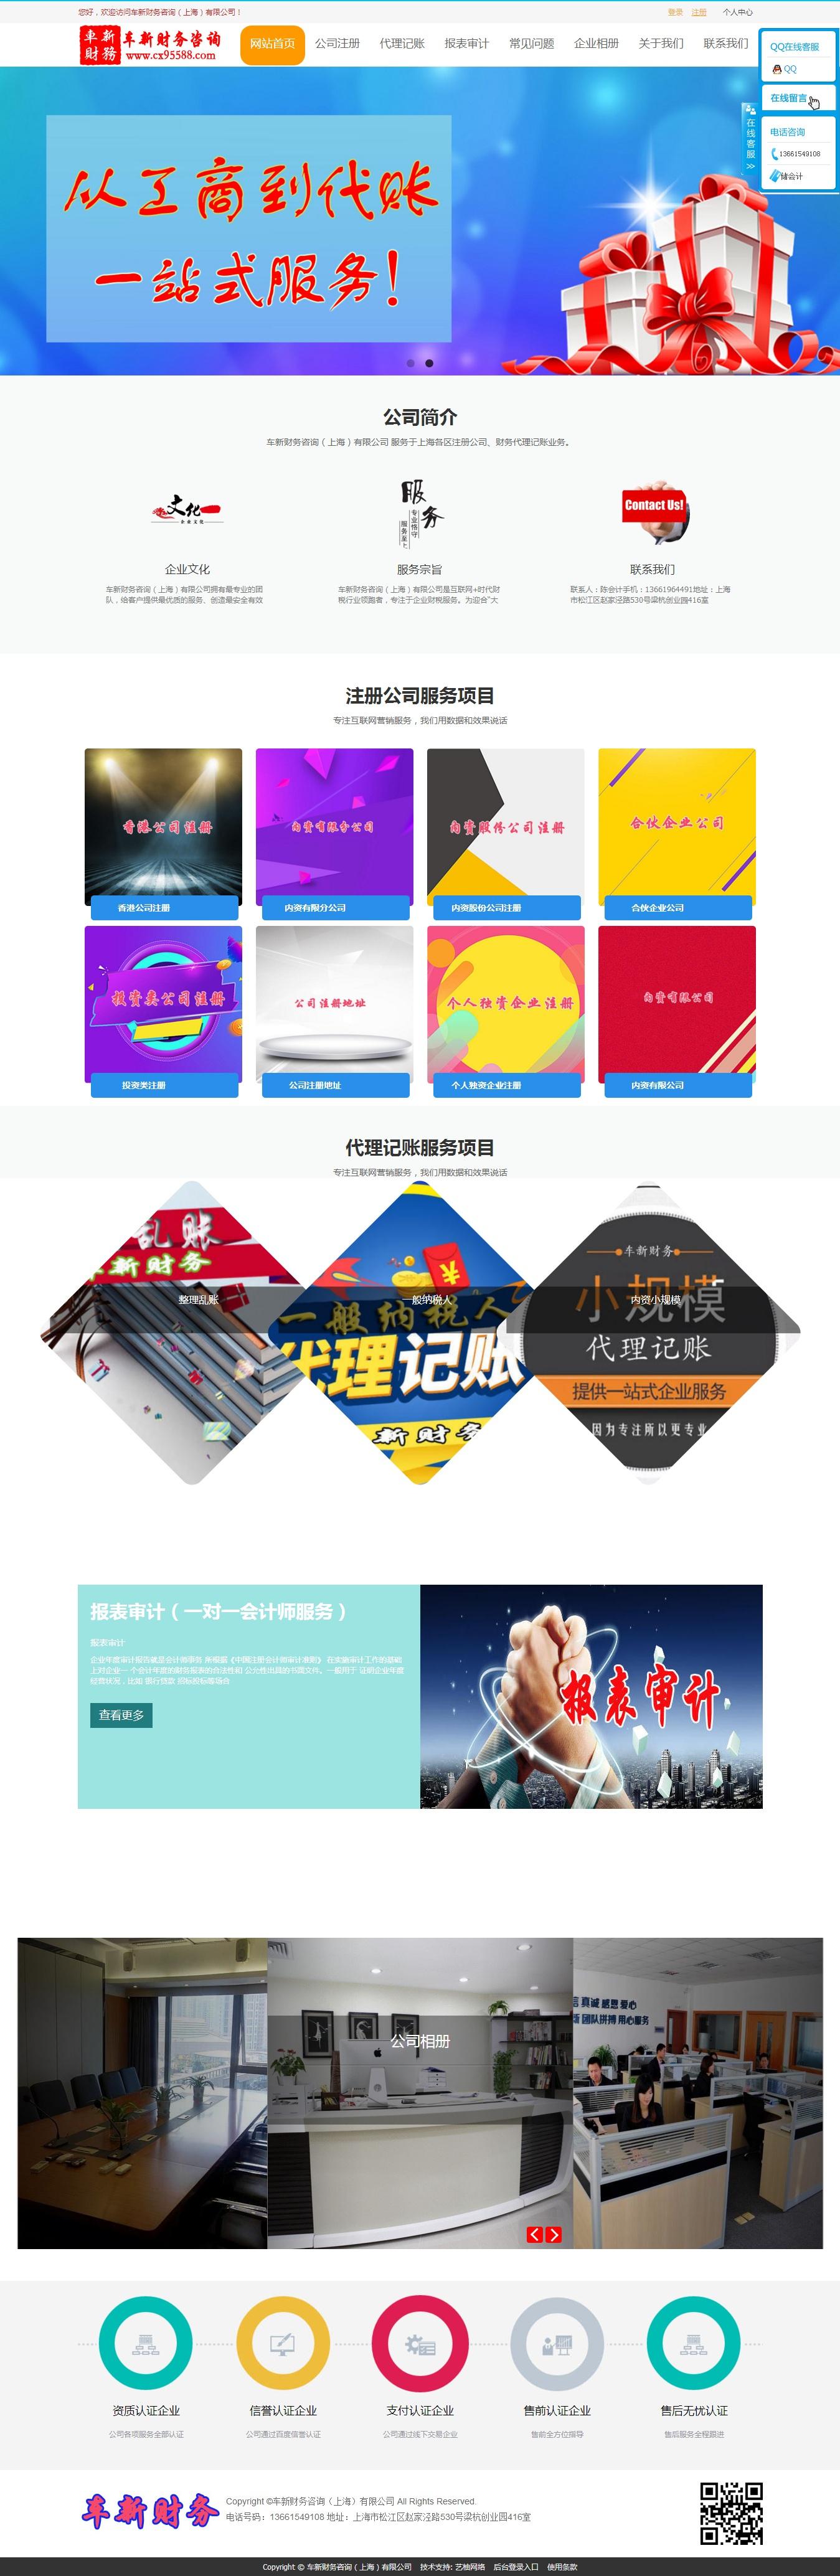 车新财务咨询(上海)有限公司.jpg